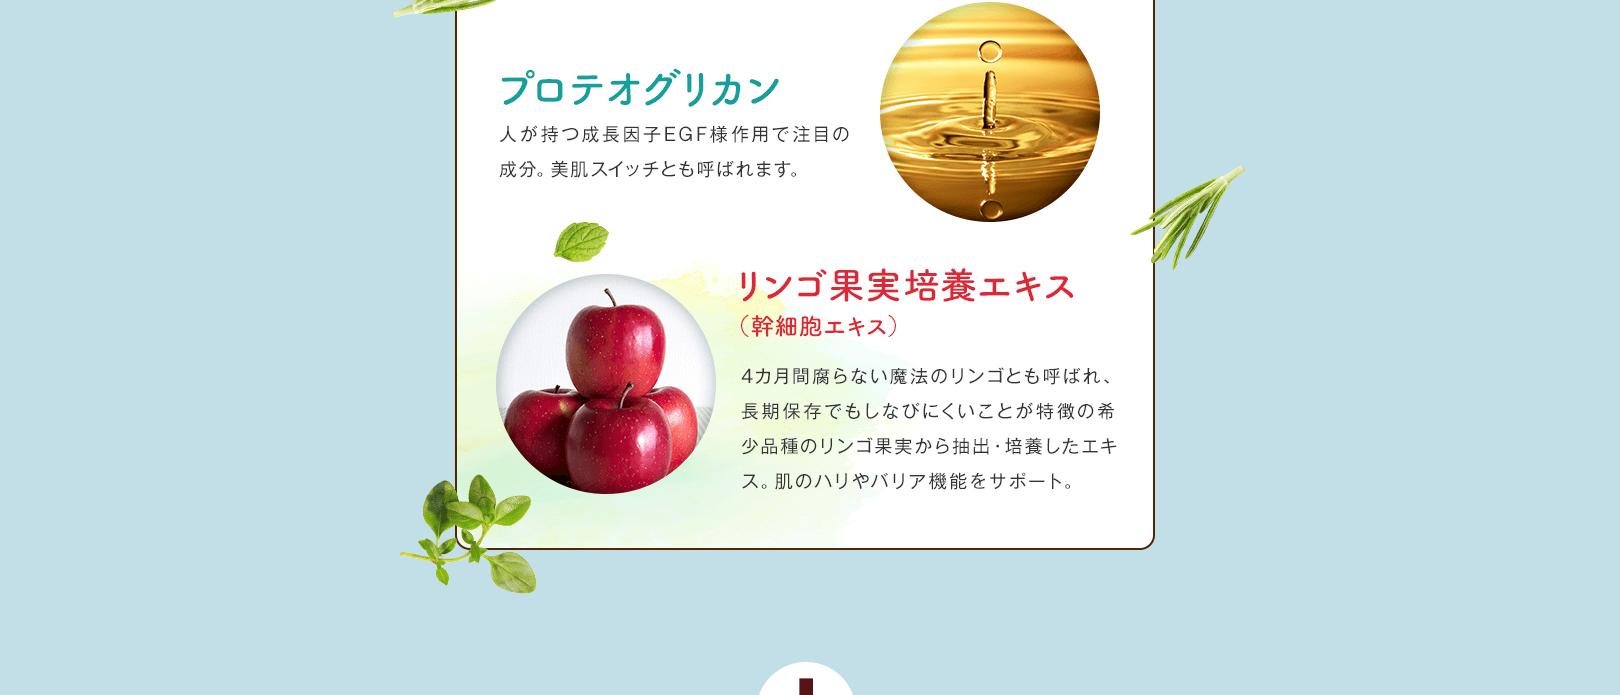 リンゴ果実培養エキス(幹細胞エキス)